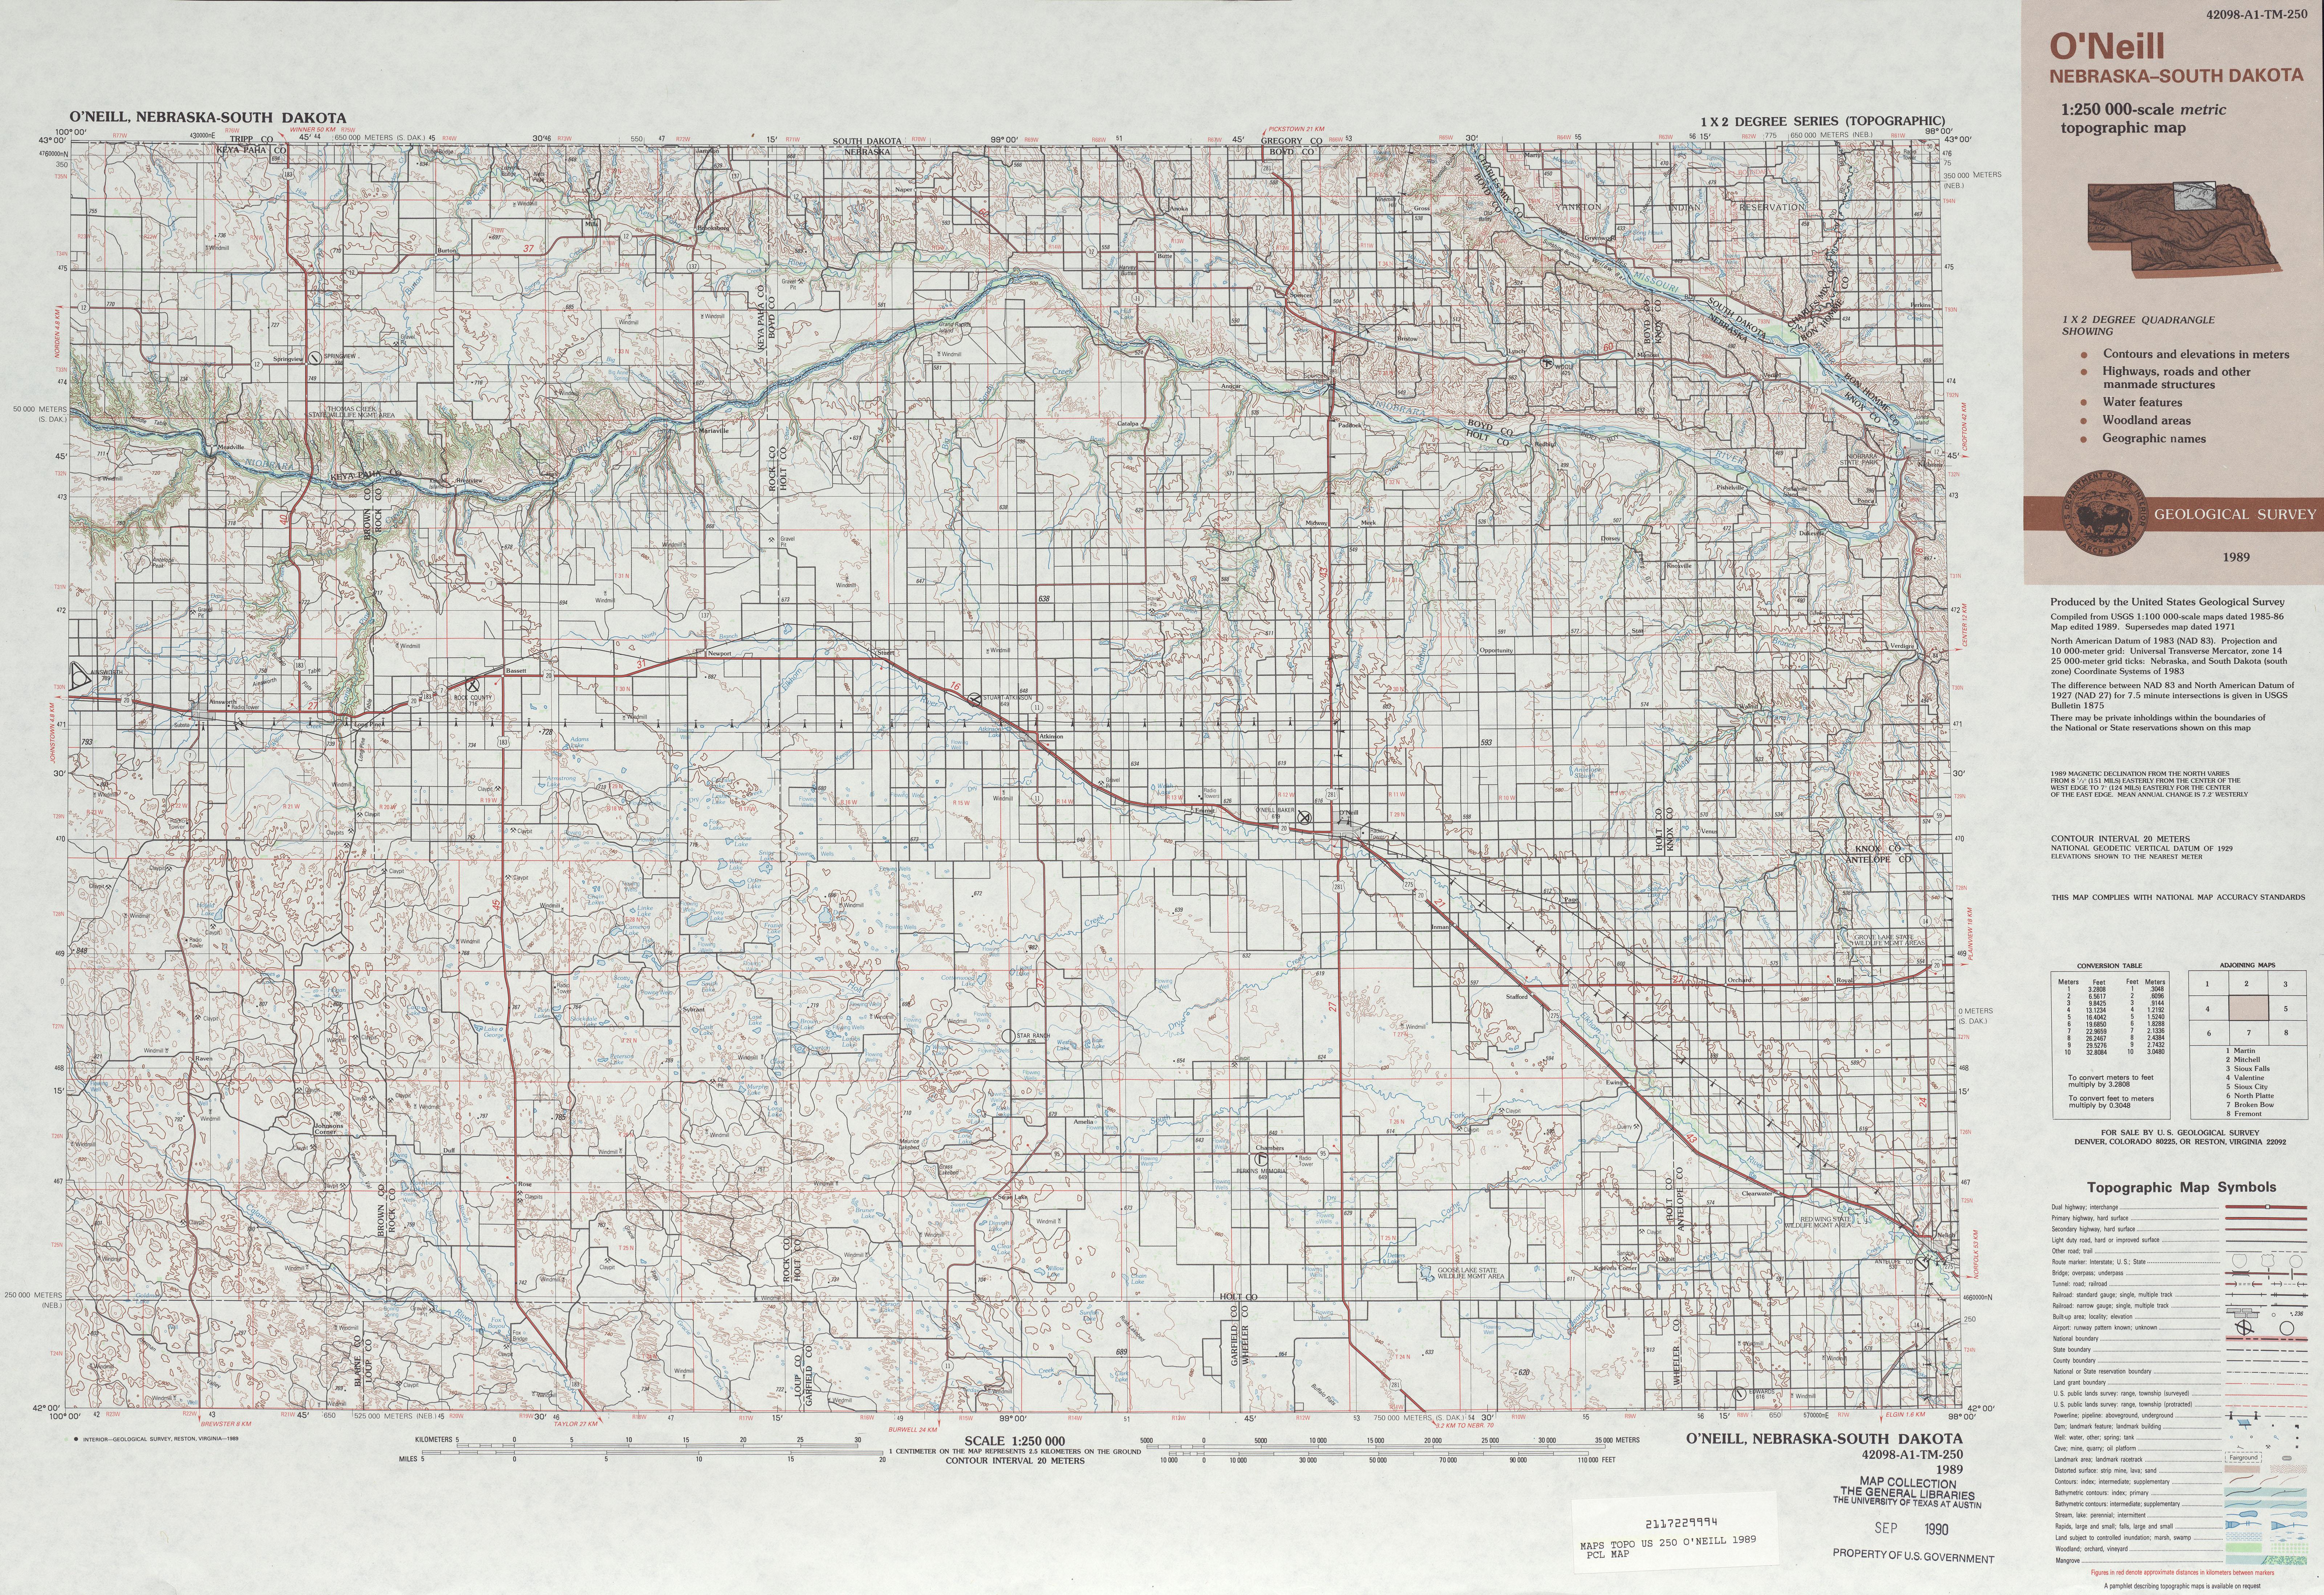 Hoja O'neill del Mapa Topográfico de los Estados Unidos 1989